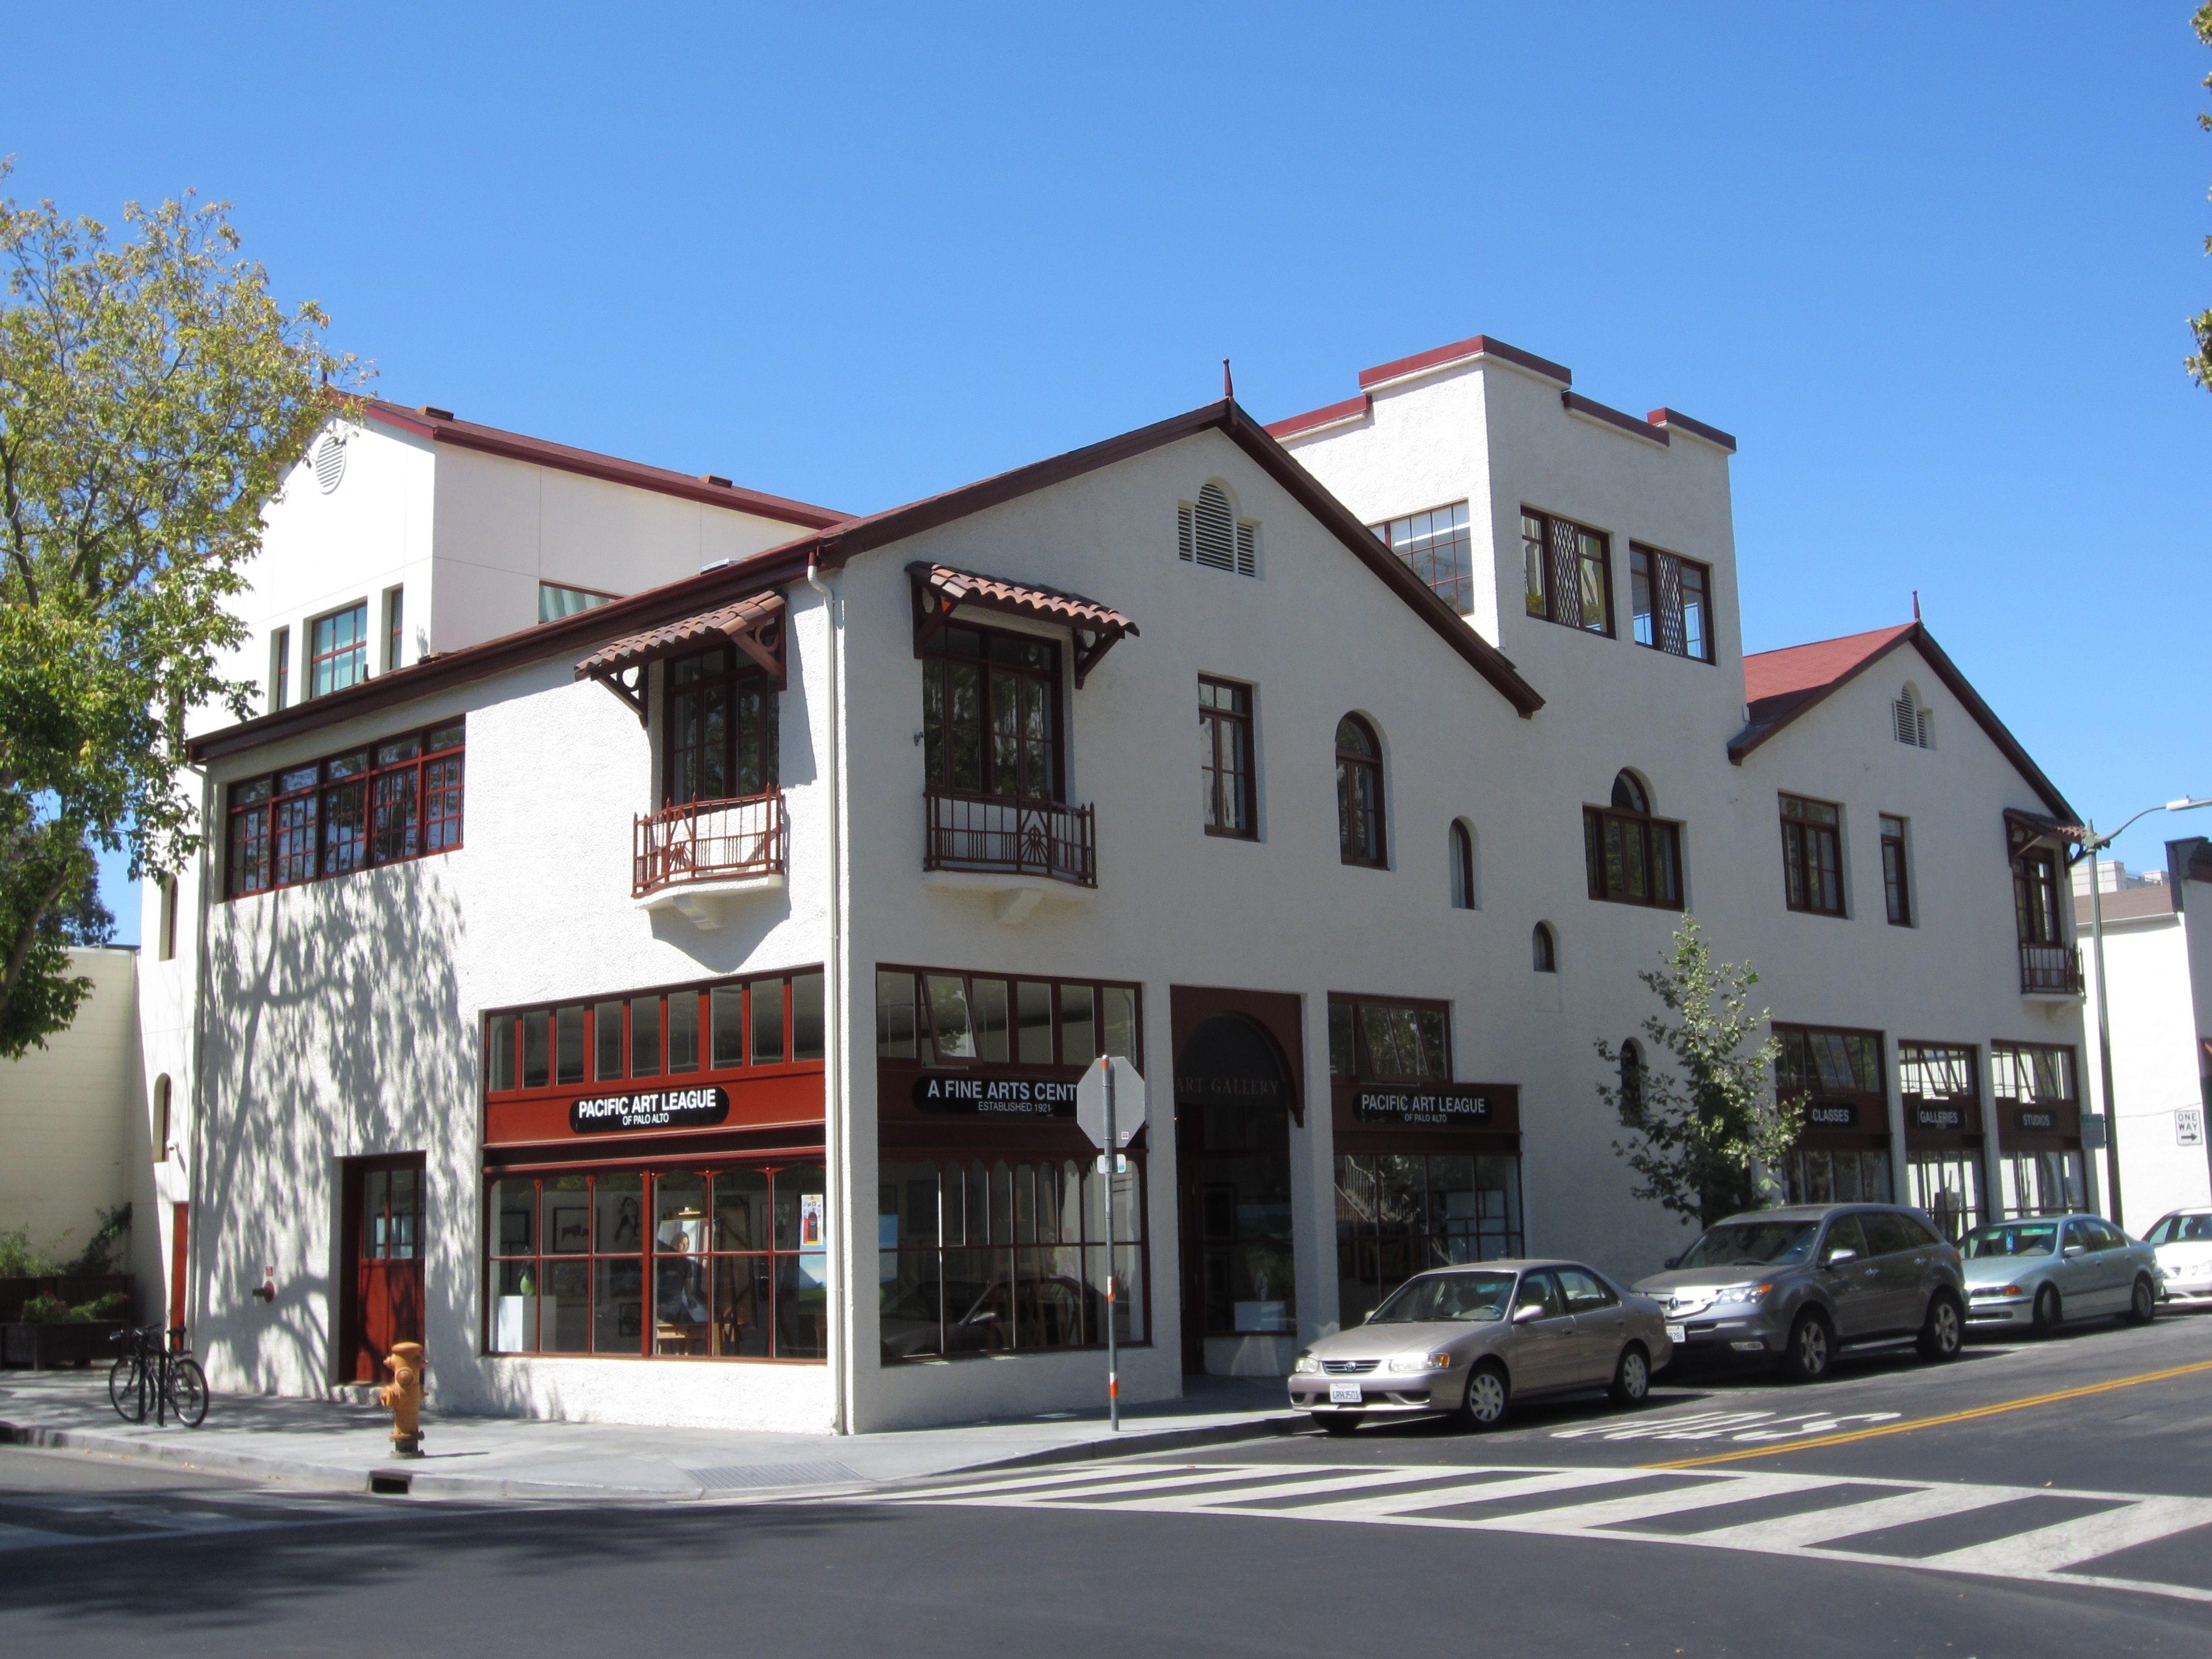 Pacific Art League Palo Alto California wwwpacificartleagueorg